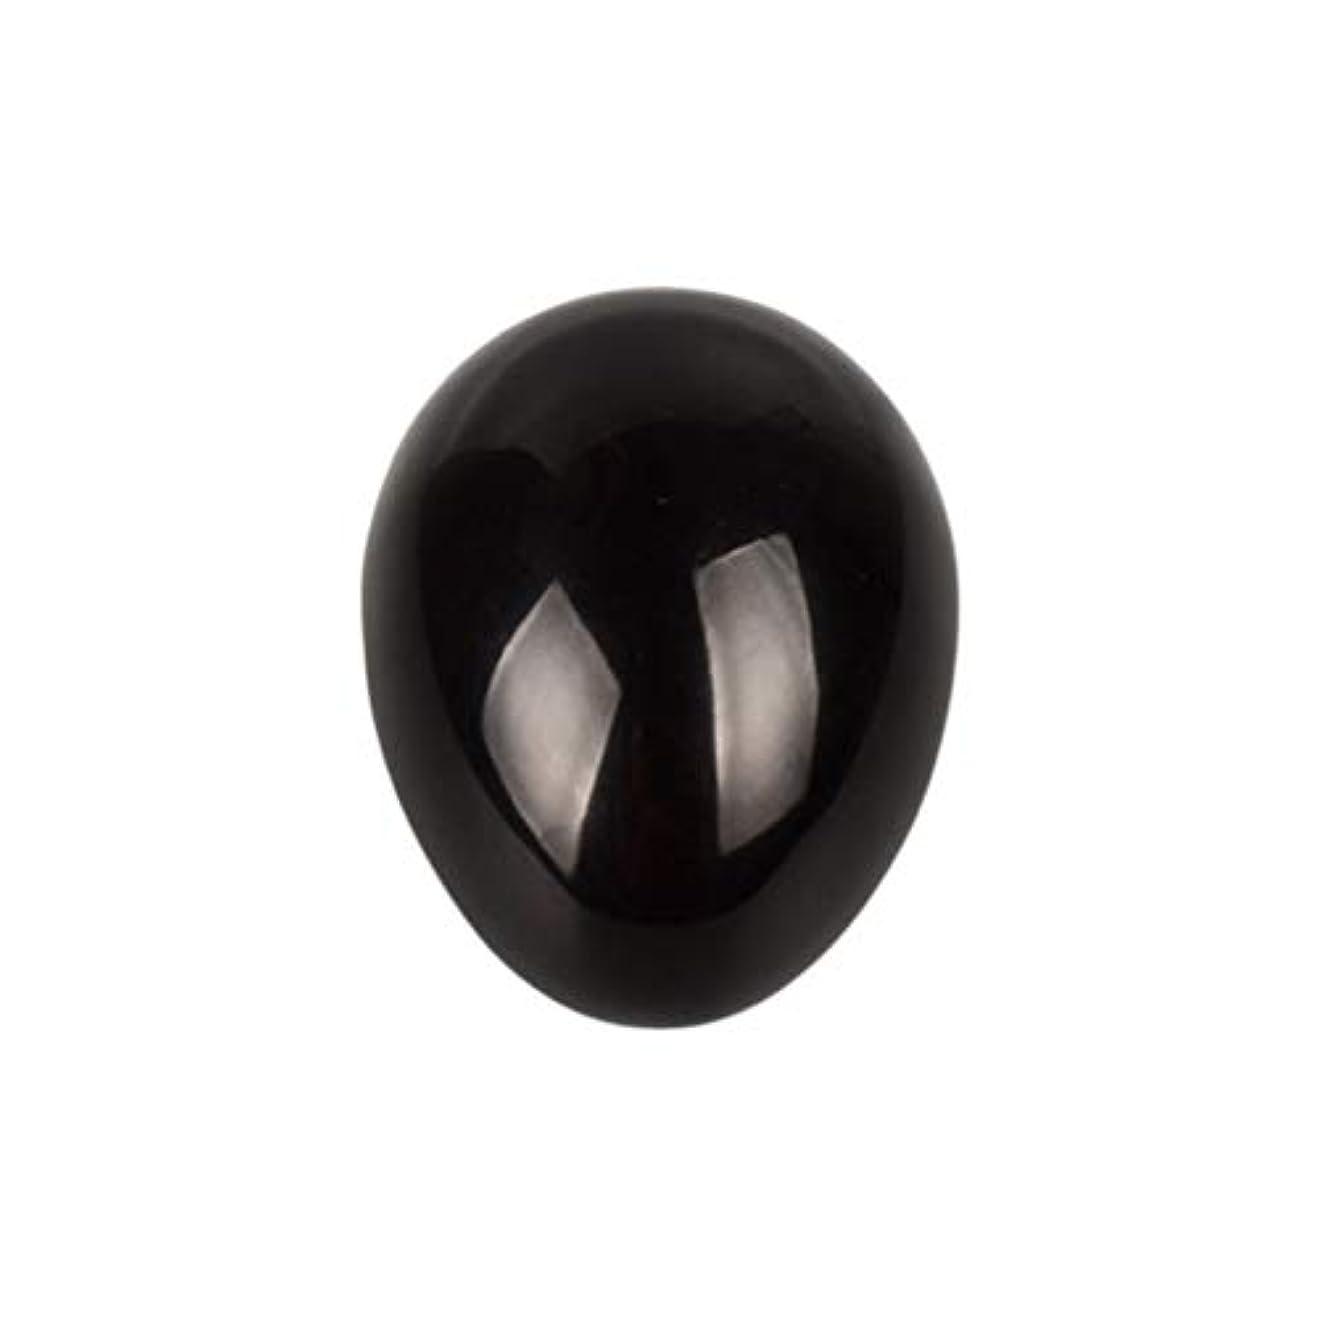 トランスミッション脚本増加するHEALIFTY 黒曜石の癒し瞑想のための黒曜石の卵球